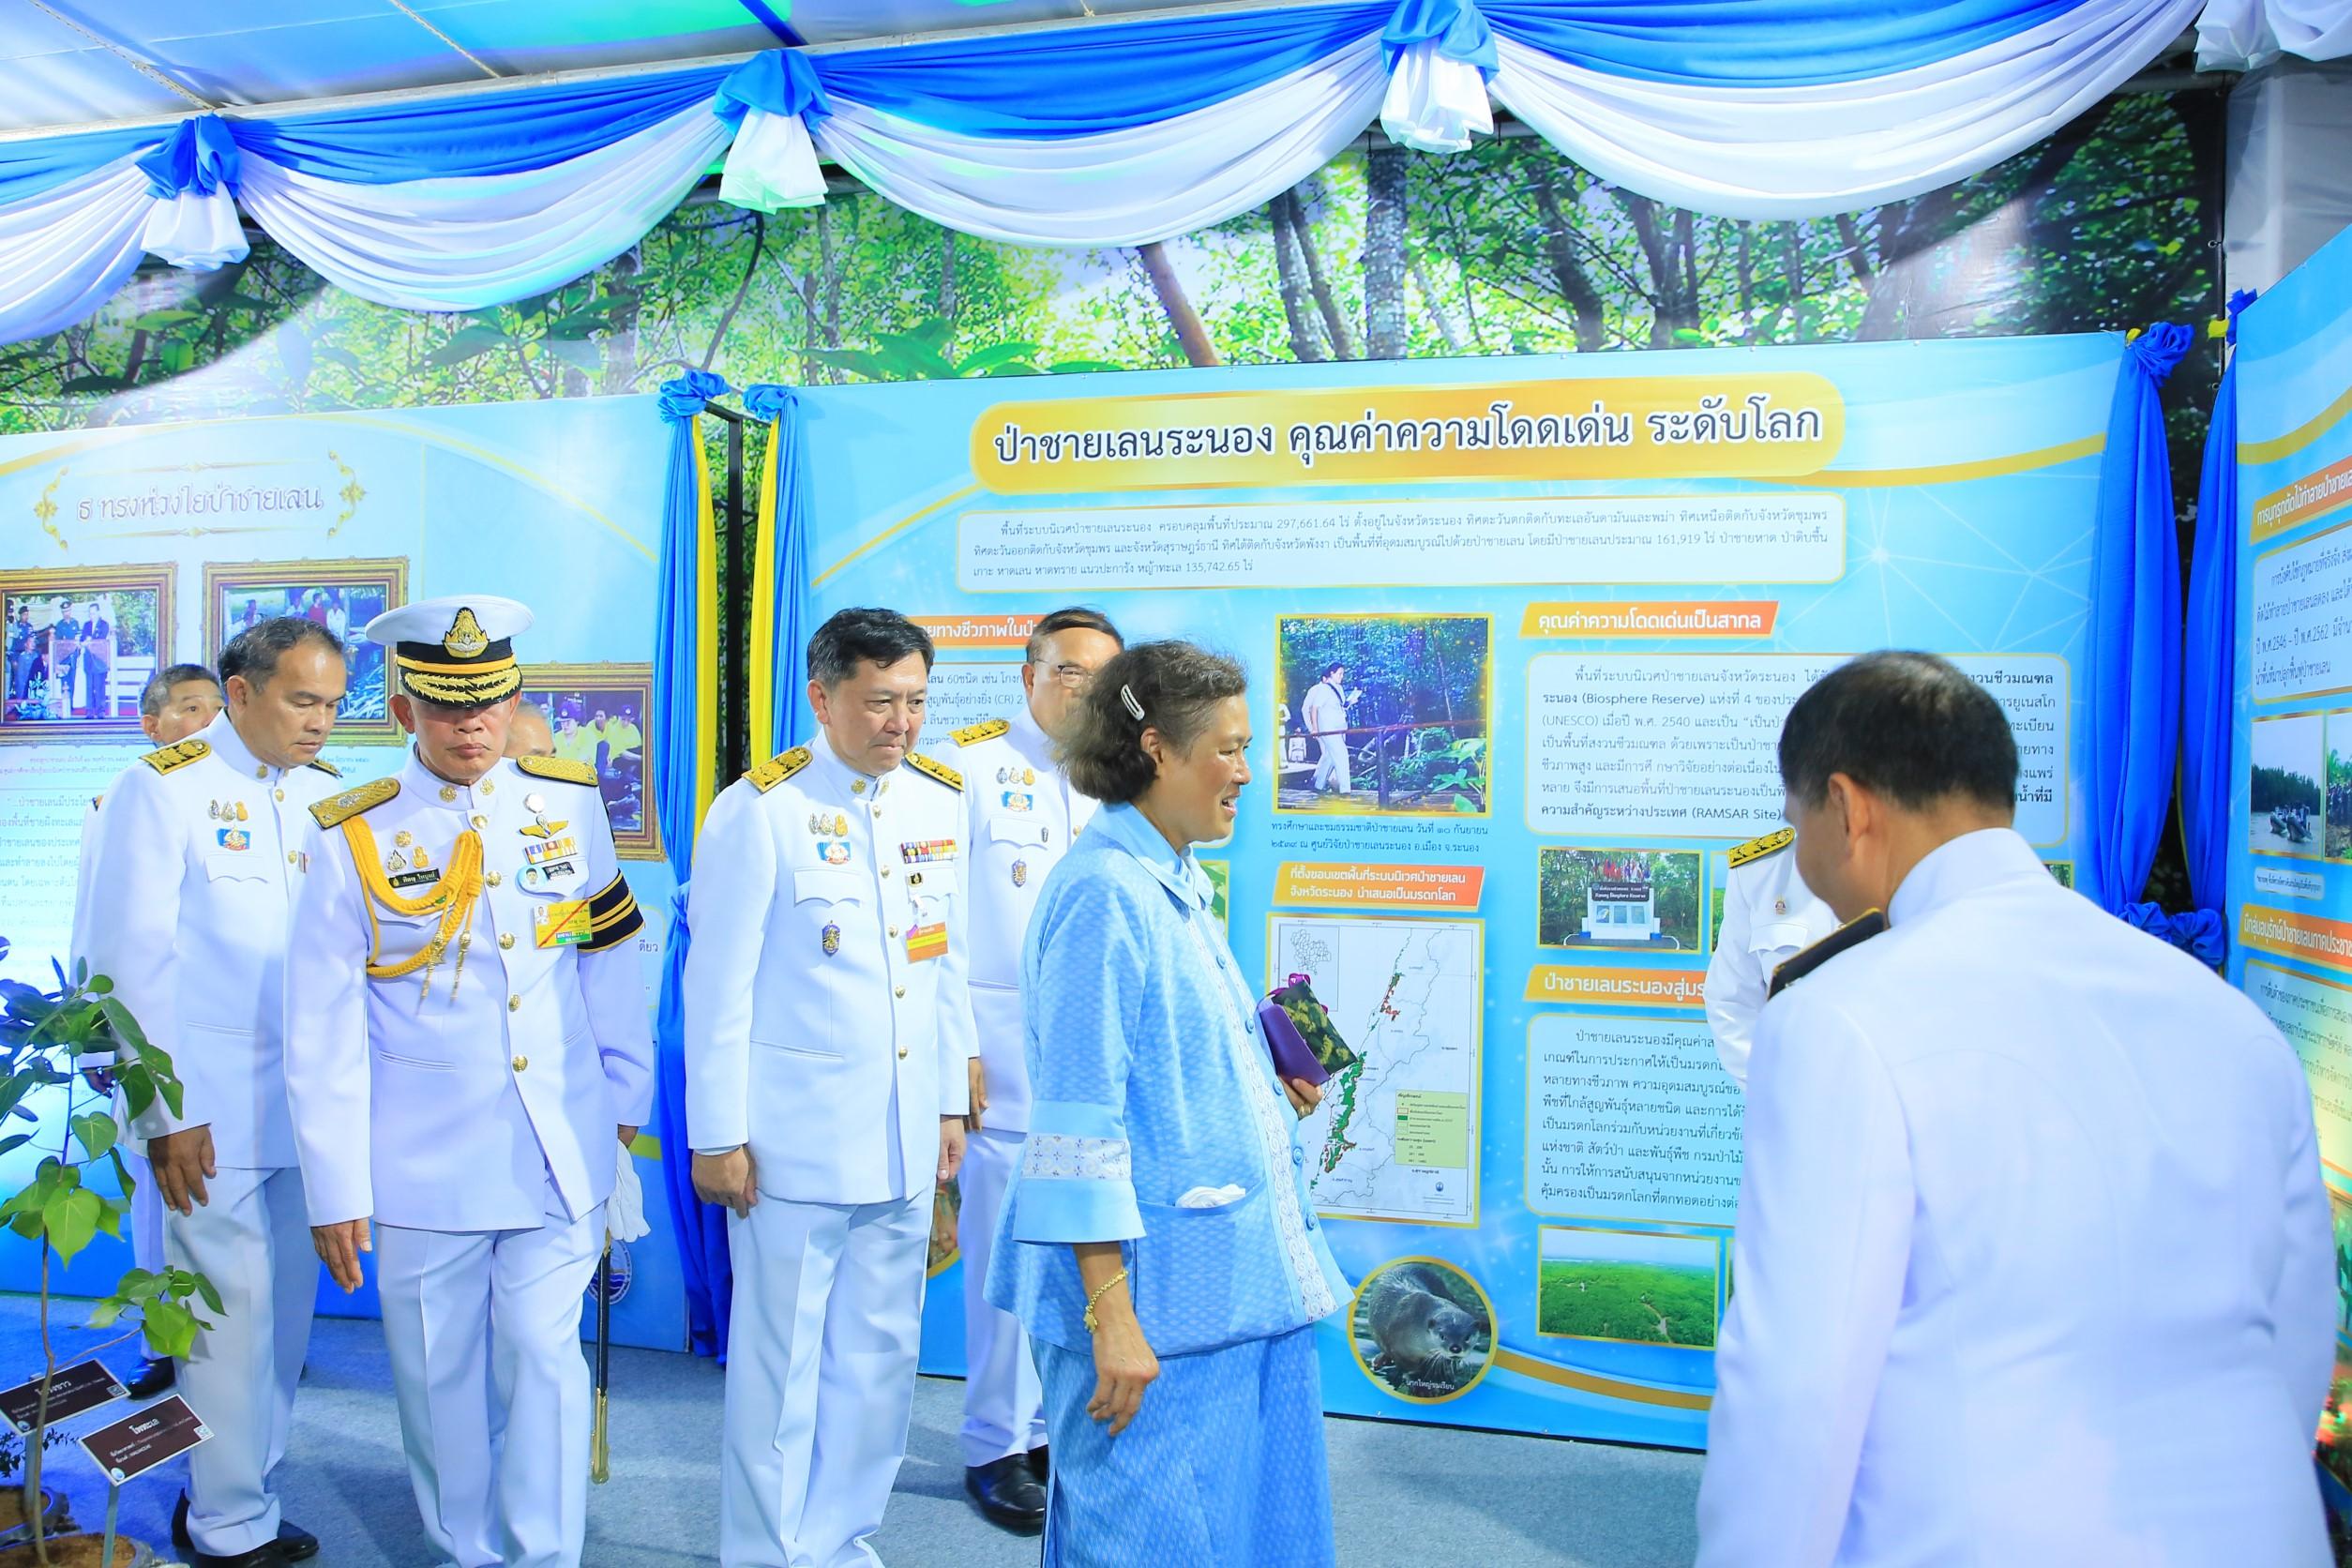 ทช. ร่วมเฝ้ารับเสด็จกรมสมเด็จพระเทพฯ เปิดงานสีสรรพรรณไม้ เทิดไท้บรมราชินีนาถ ครั้งที่ 13